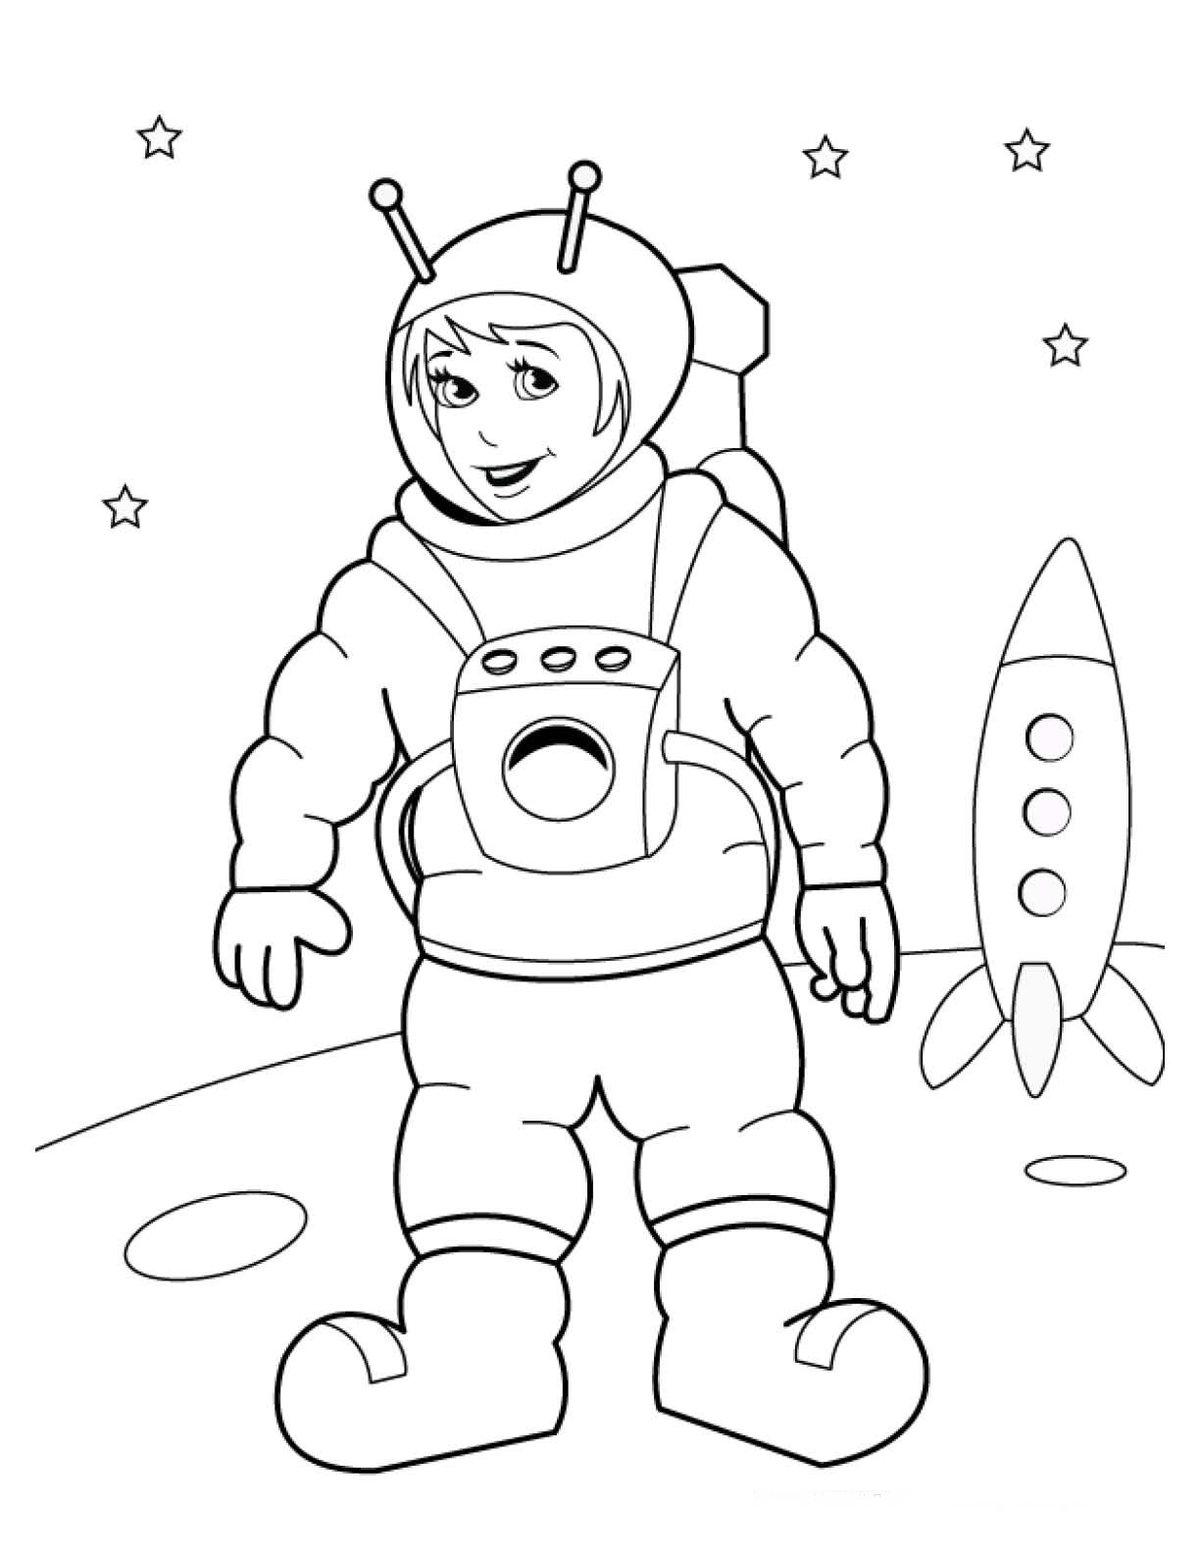 Космонавт раскраска в космосе получается очень